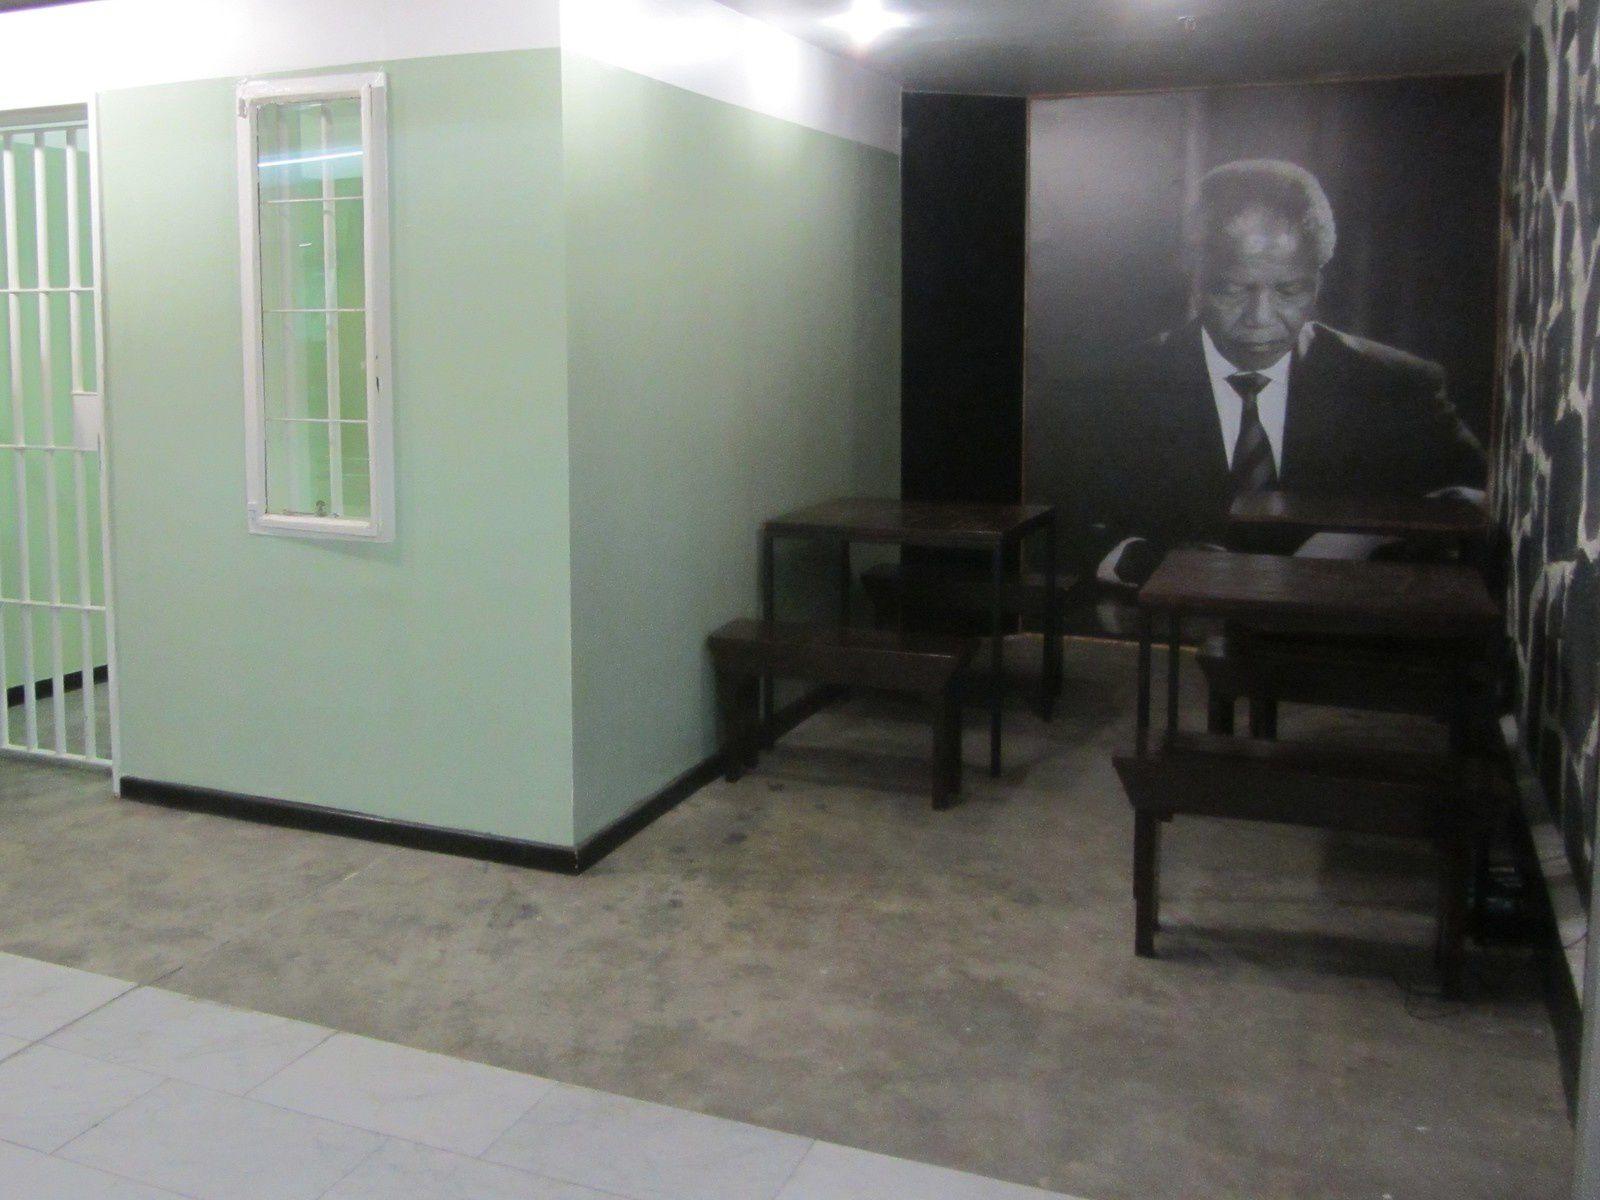 Dés l'arrivée à l'aéroport, on découvre des hommages à Nelson Mandela qui lutta de toutes ses forces contre l'apartheid :  (la lutte contre le système politique institutionnel de ségrégation raciale).